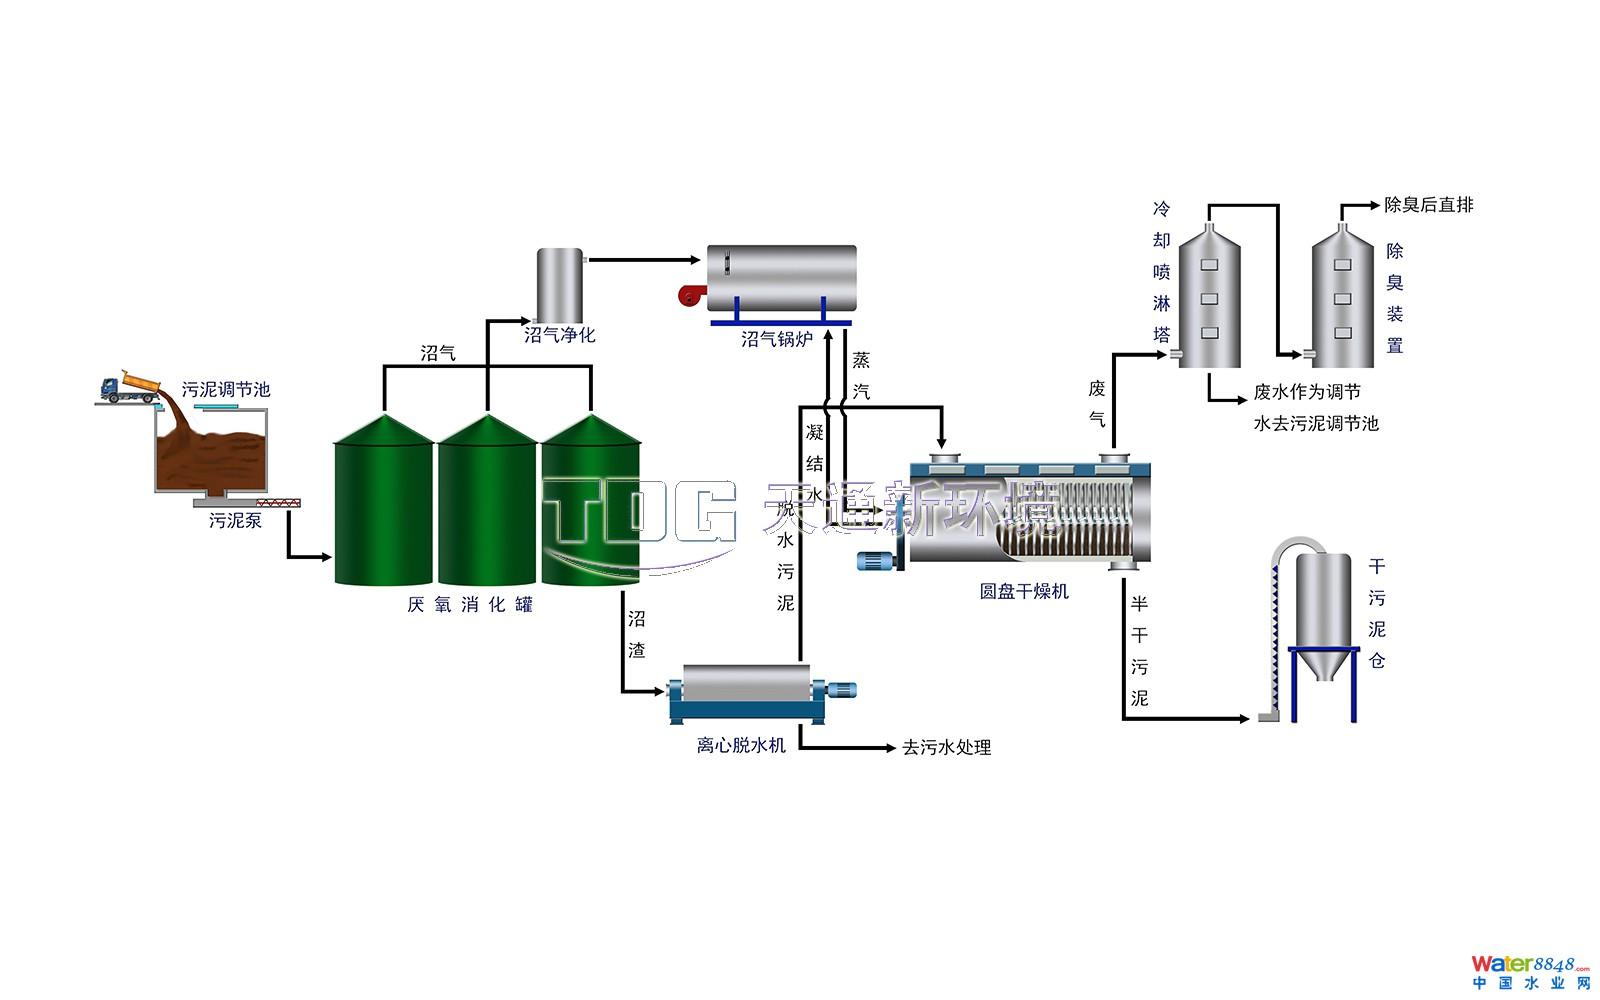 冷凝水集水箱收集后,由热水循环泵回流至锅炉系统内.